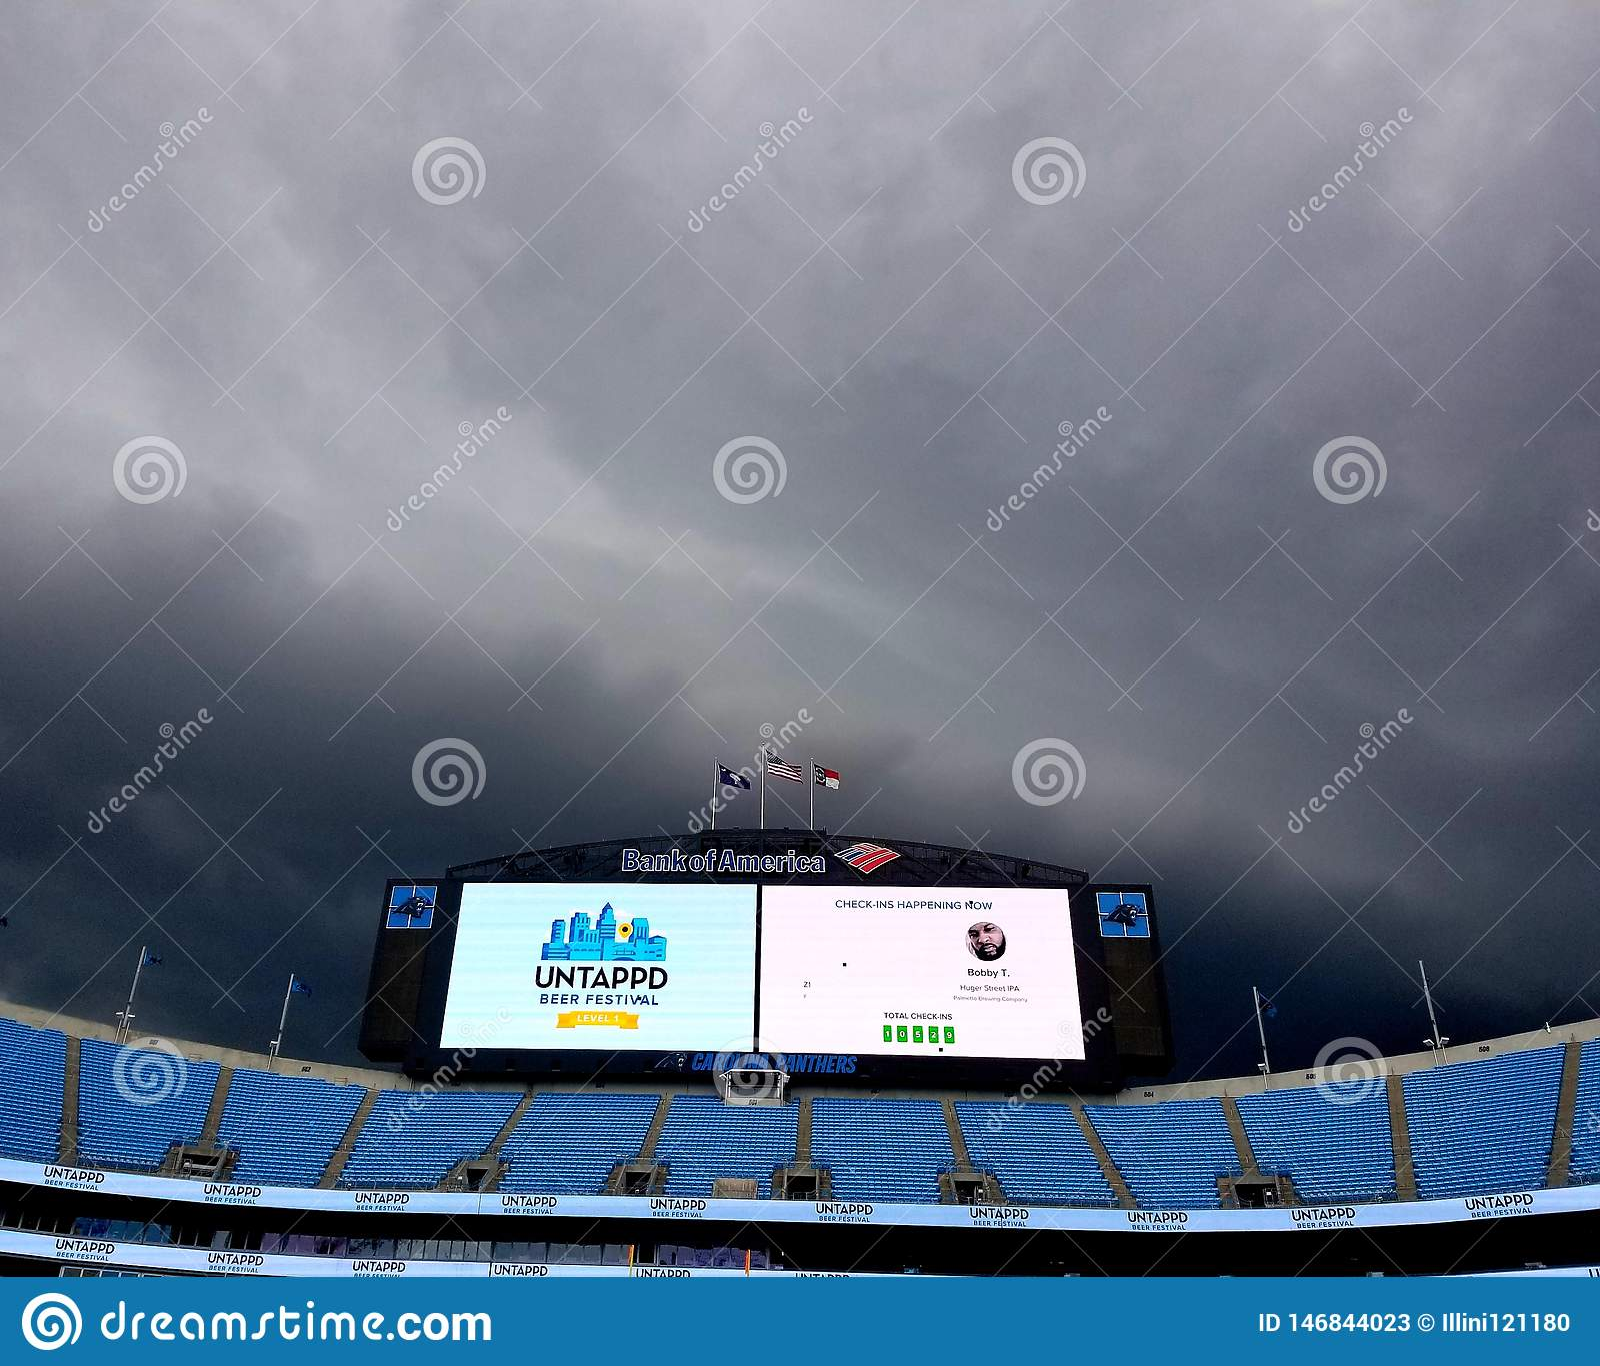 Штормы над облаками пантер Каролины стадиона Государственного банка Америки бушуют на неиспользованном фестивале пива